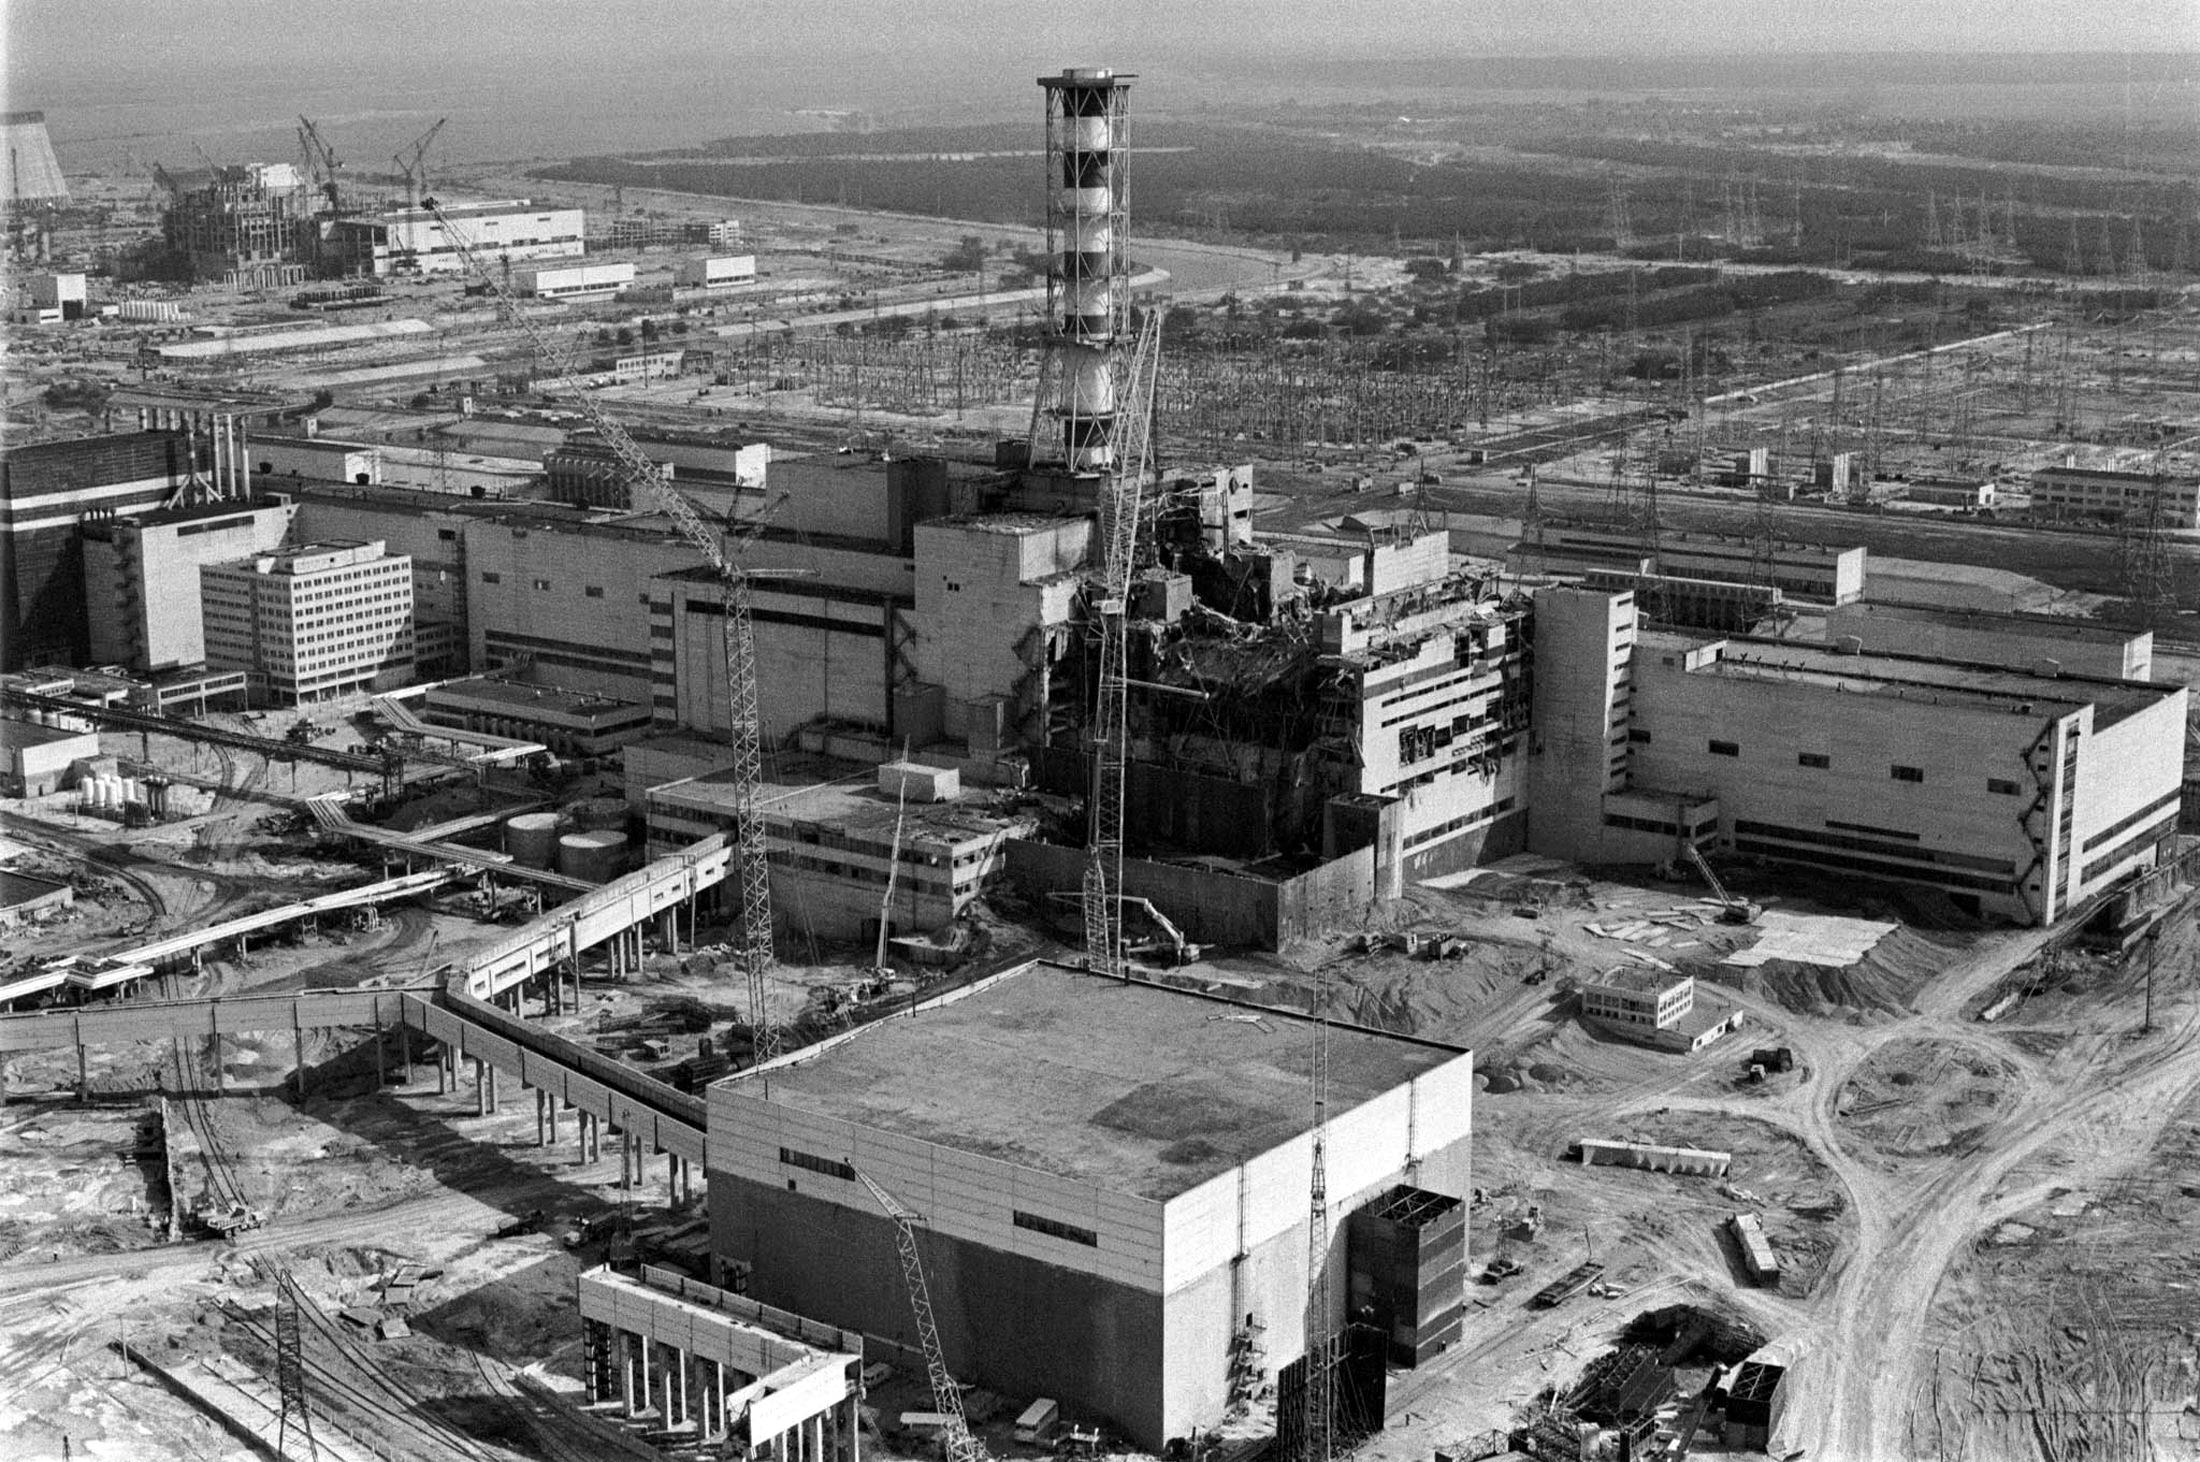 Elhunyt a csernobili erőművet a katasztrófa idején vezető igazgató